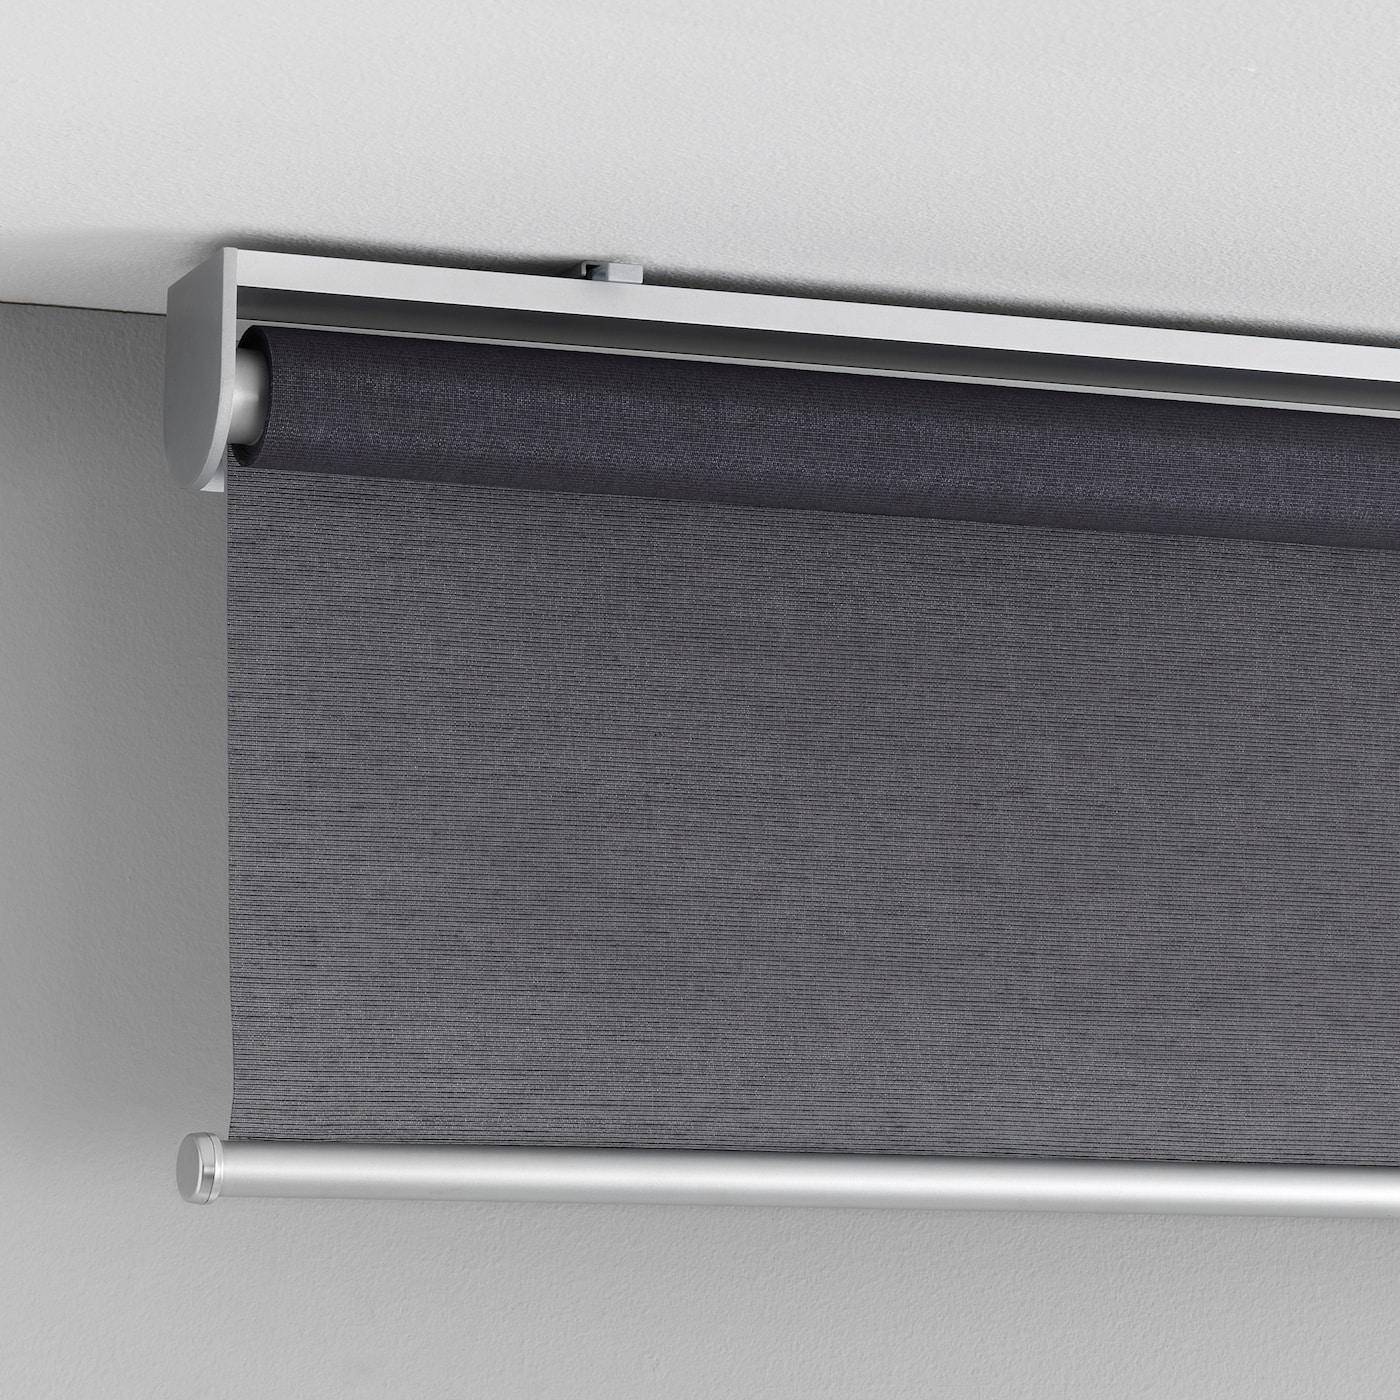 Rideau Gris Perle Ikea skogsklÖver store à enrouleur - gris 120x195 cm